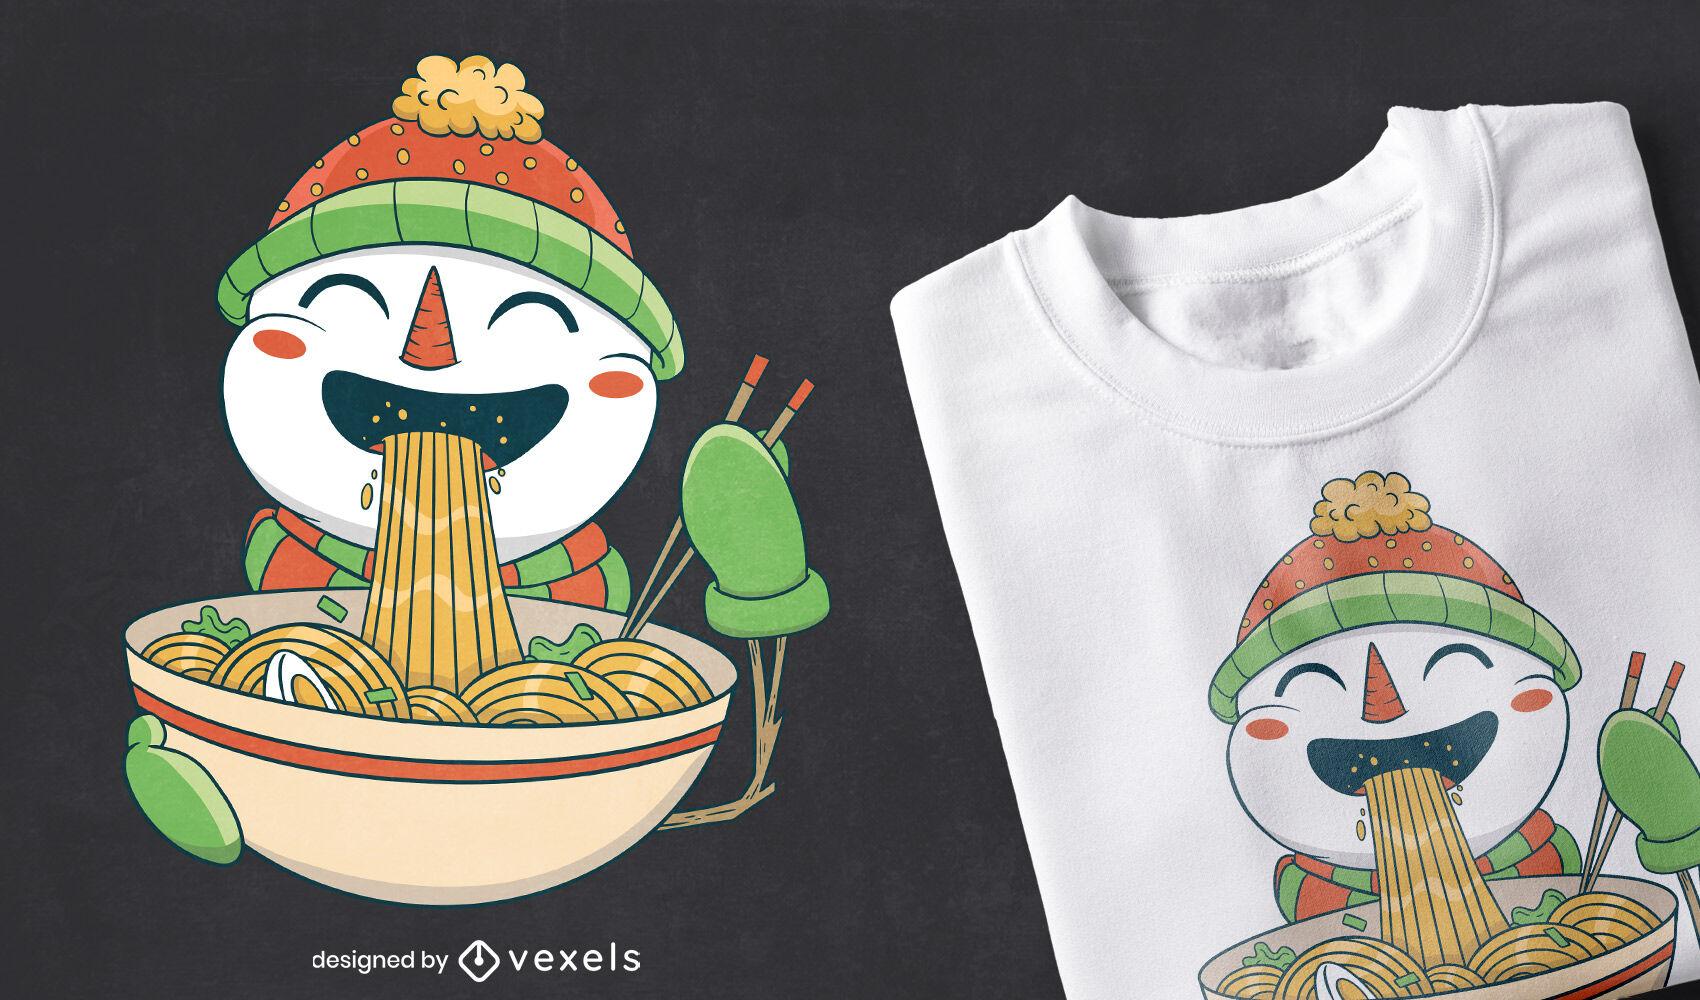 Diseño de camiseta de muñeco de nieve comiendo ramen